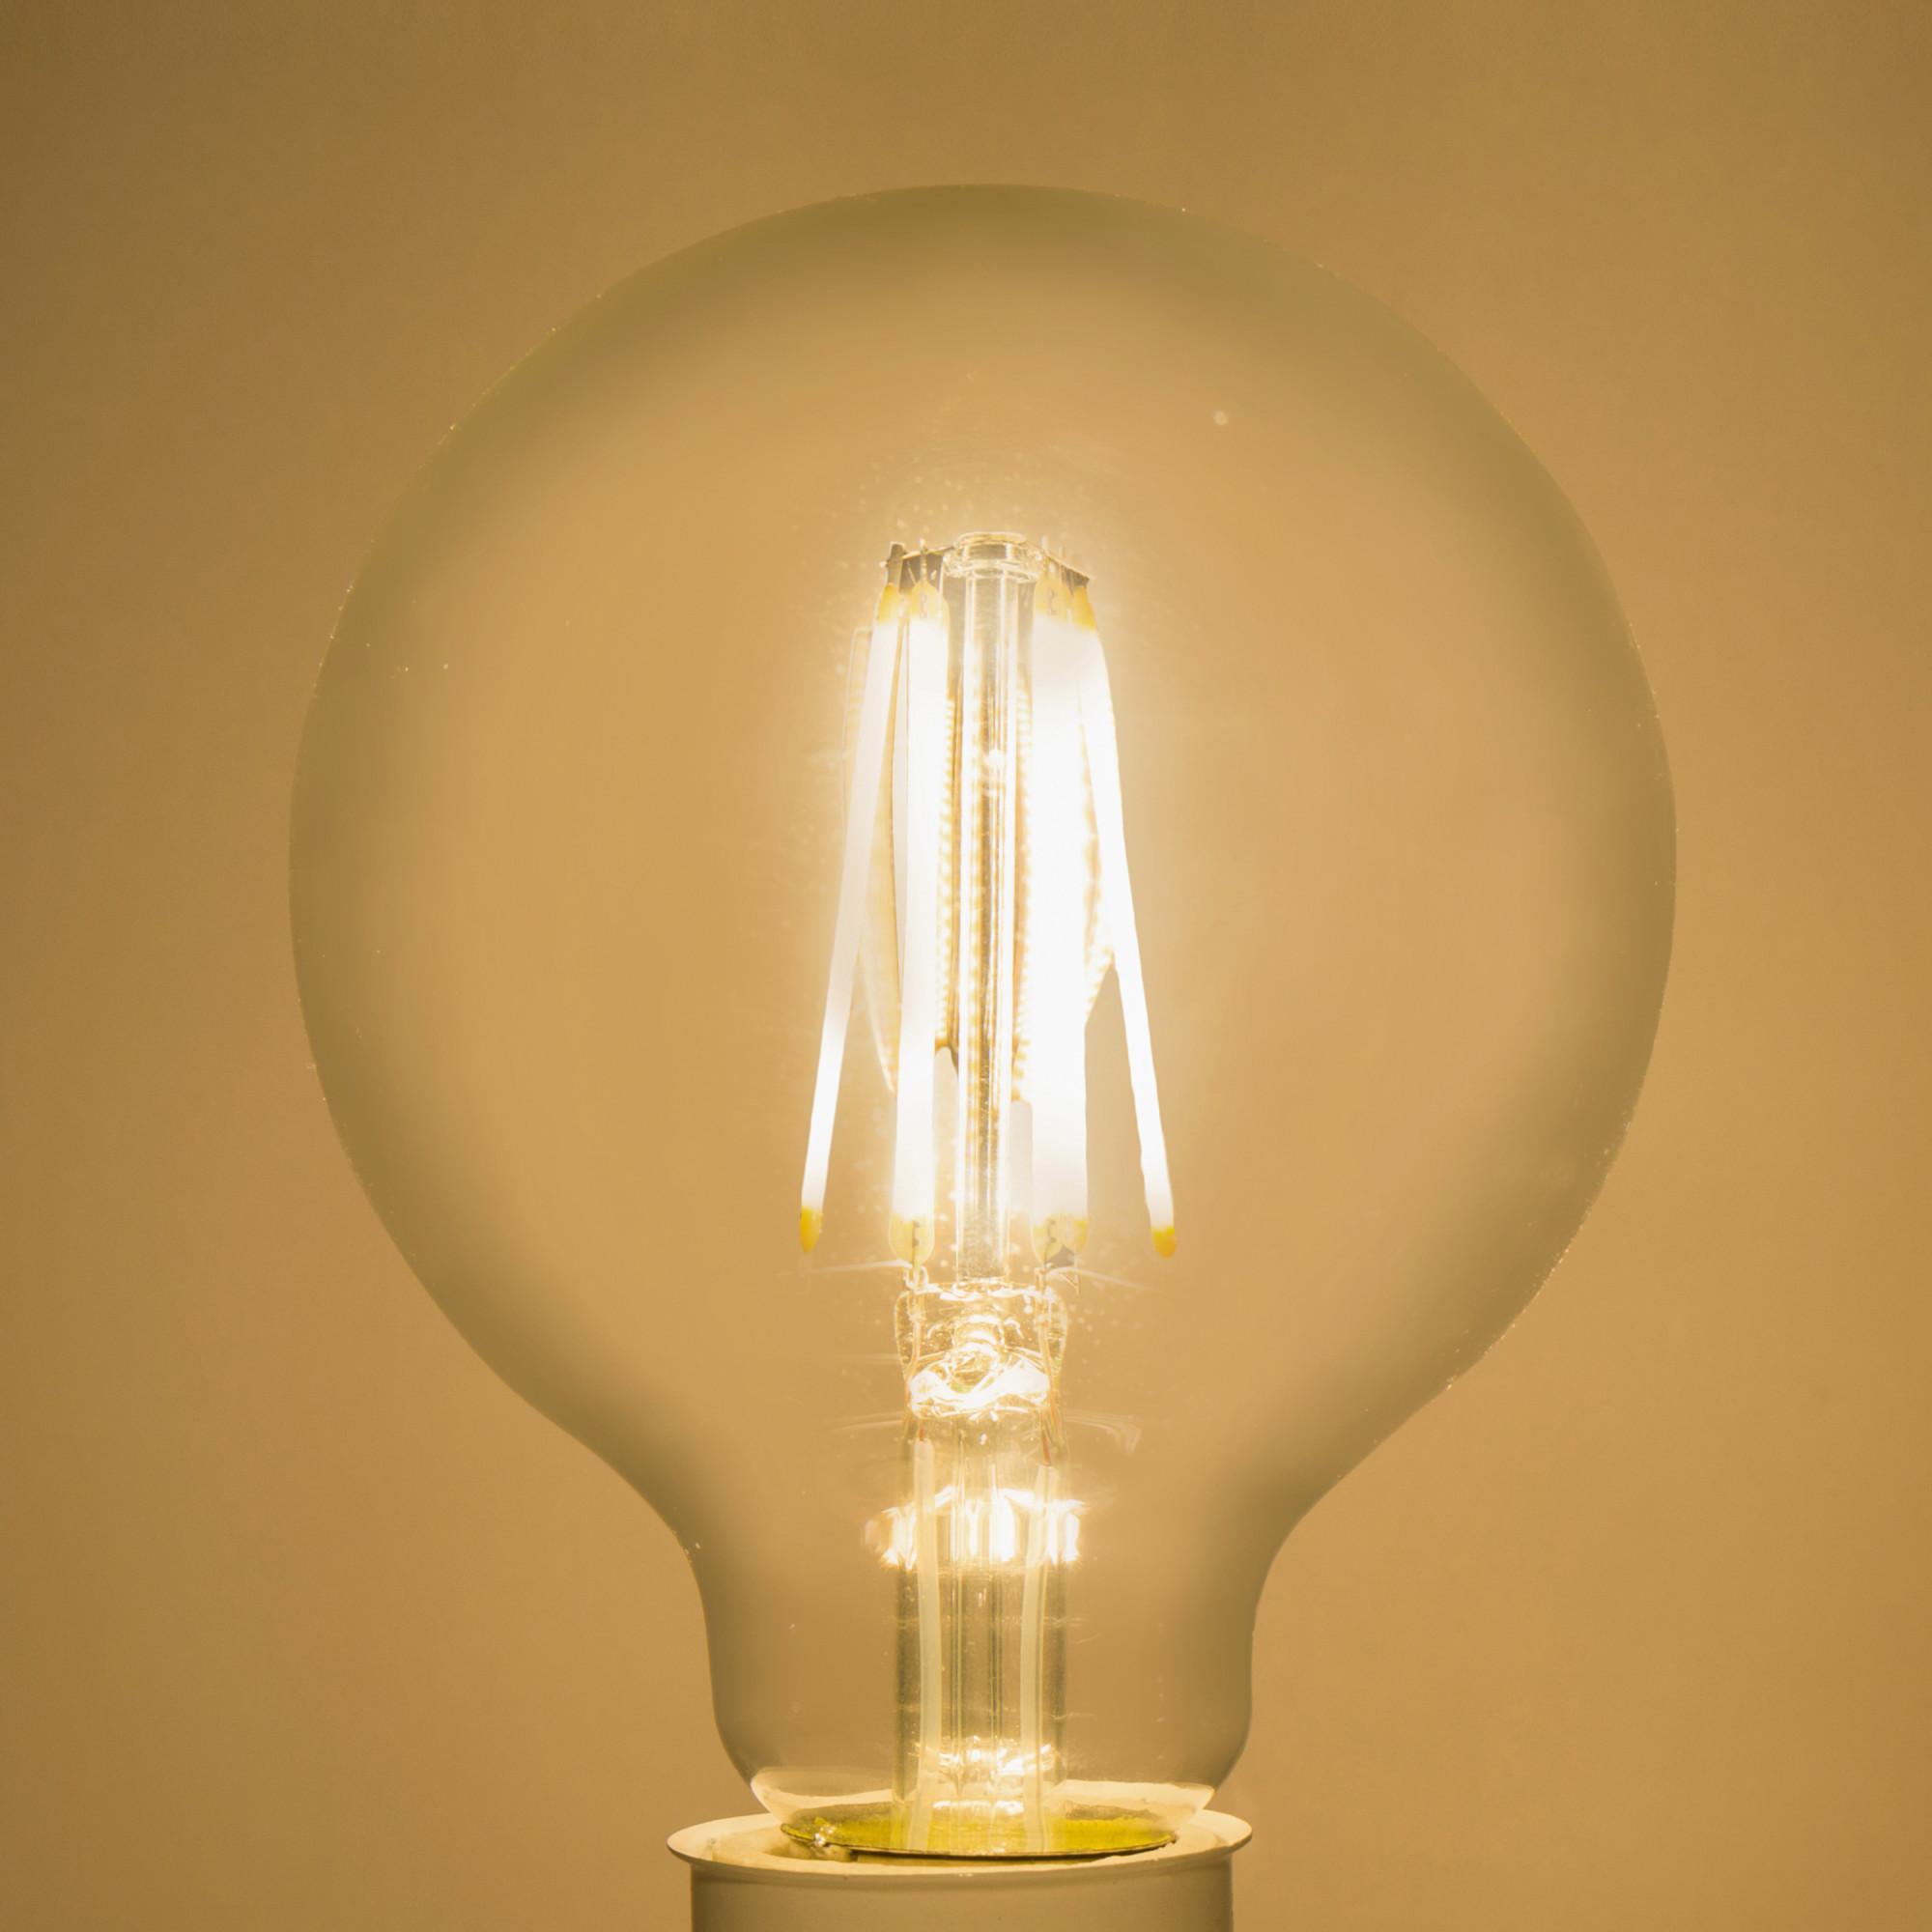 Лампа светодиодная филаментная Lexman E27 220 В 8.5 Вт шар прозрачный 1055 лм белый свет